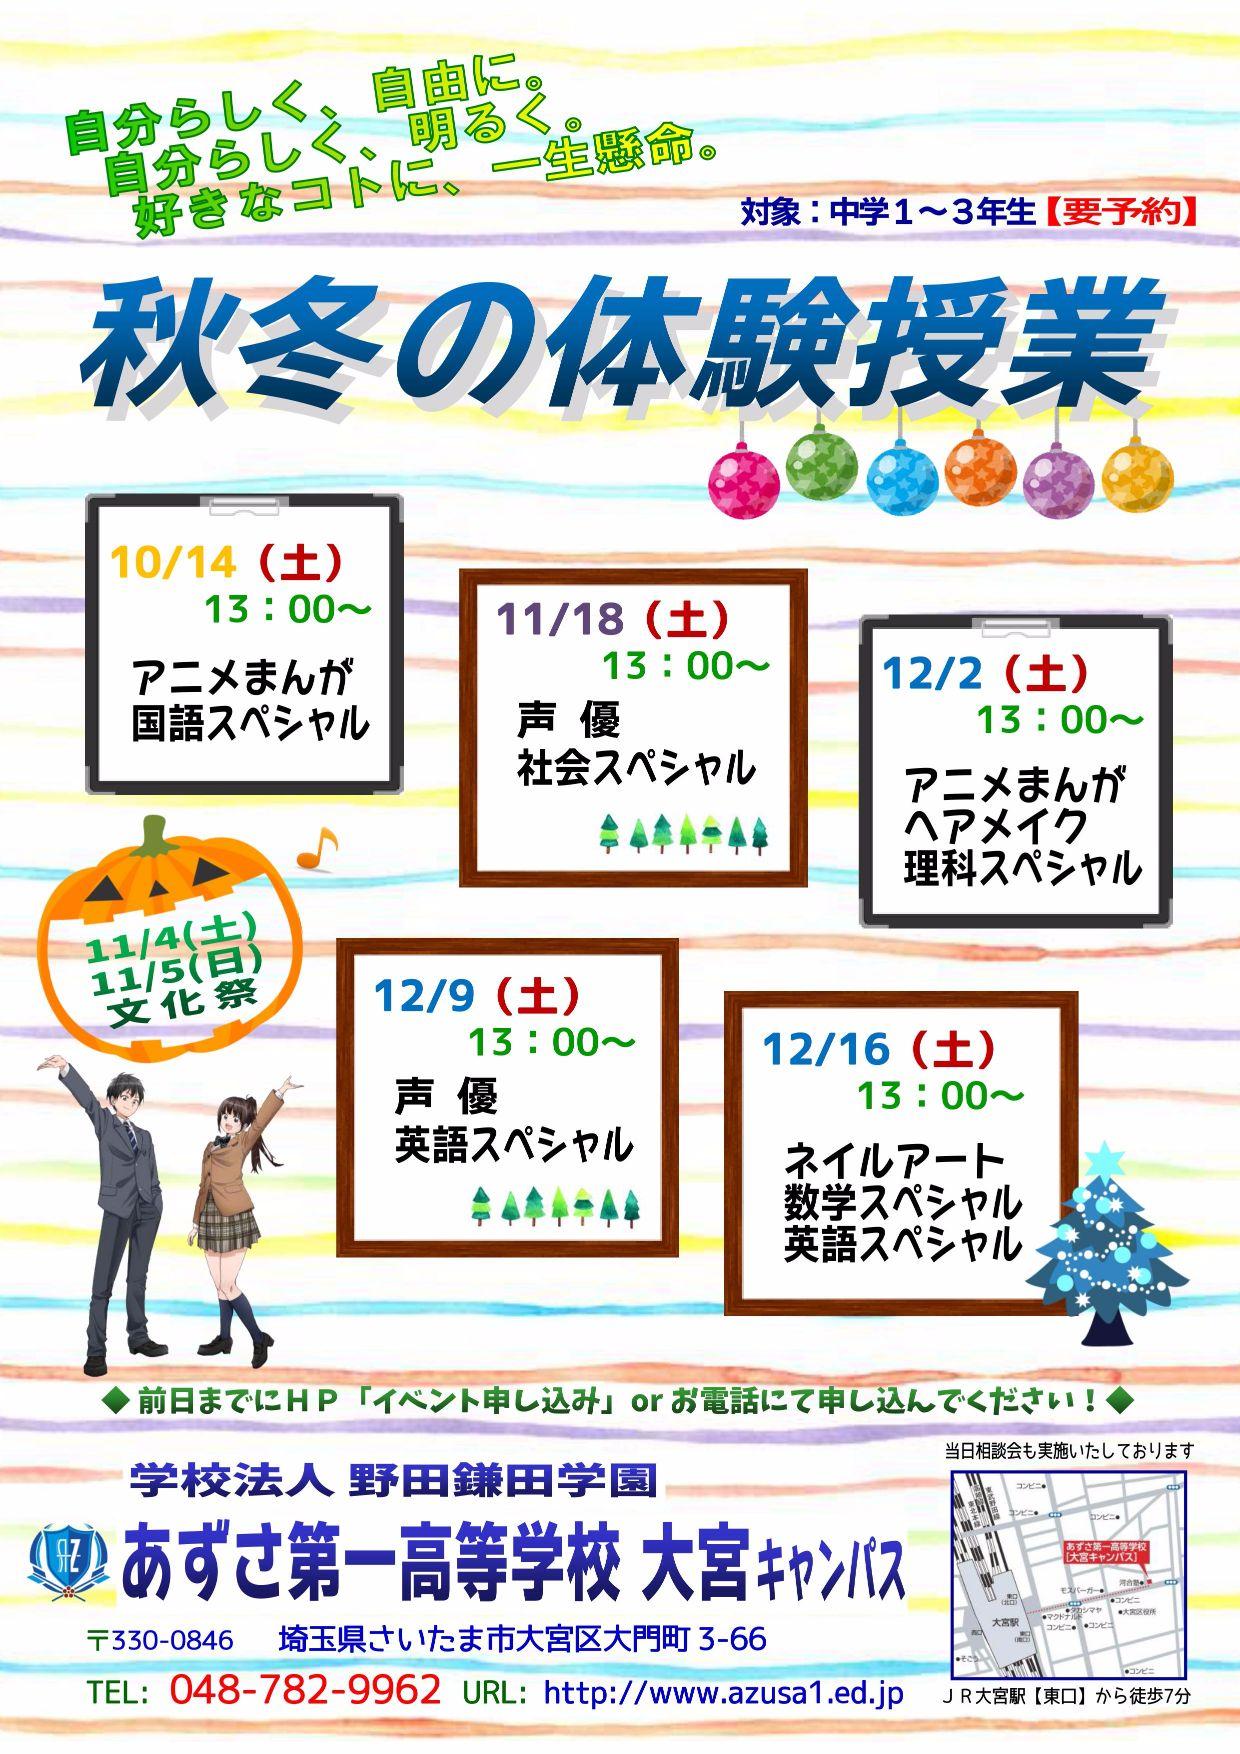 大宮キャンパス 秋冬の体験授業image1